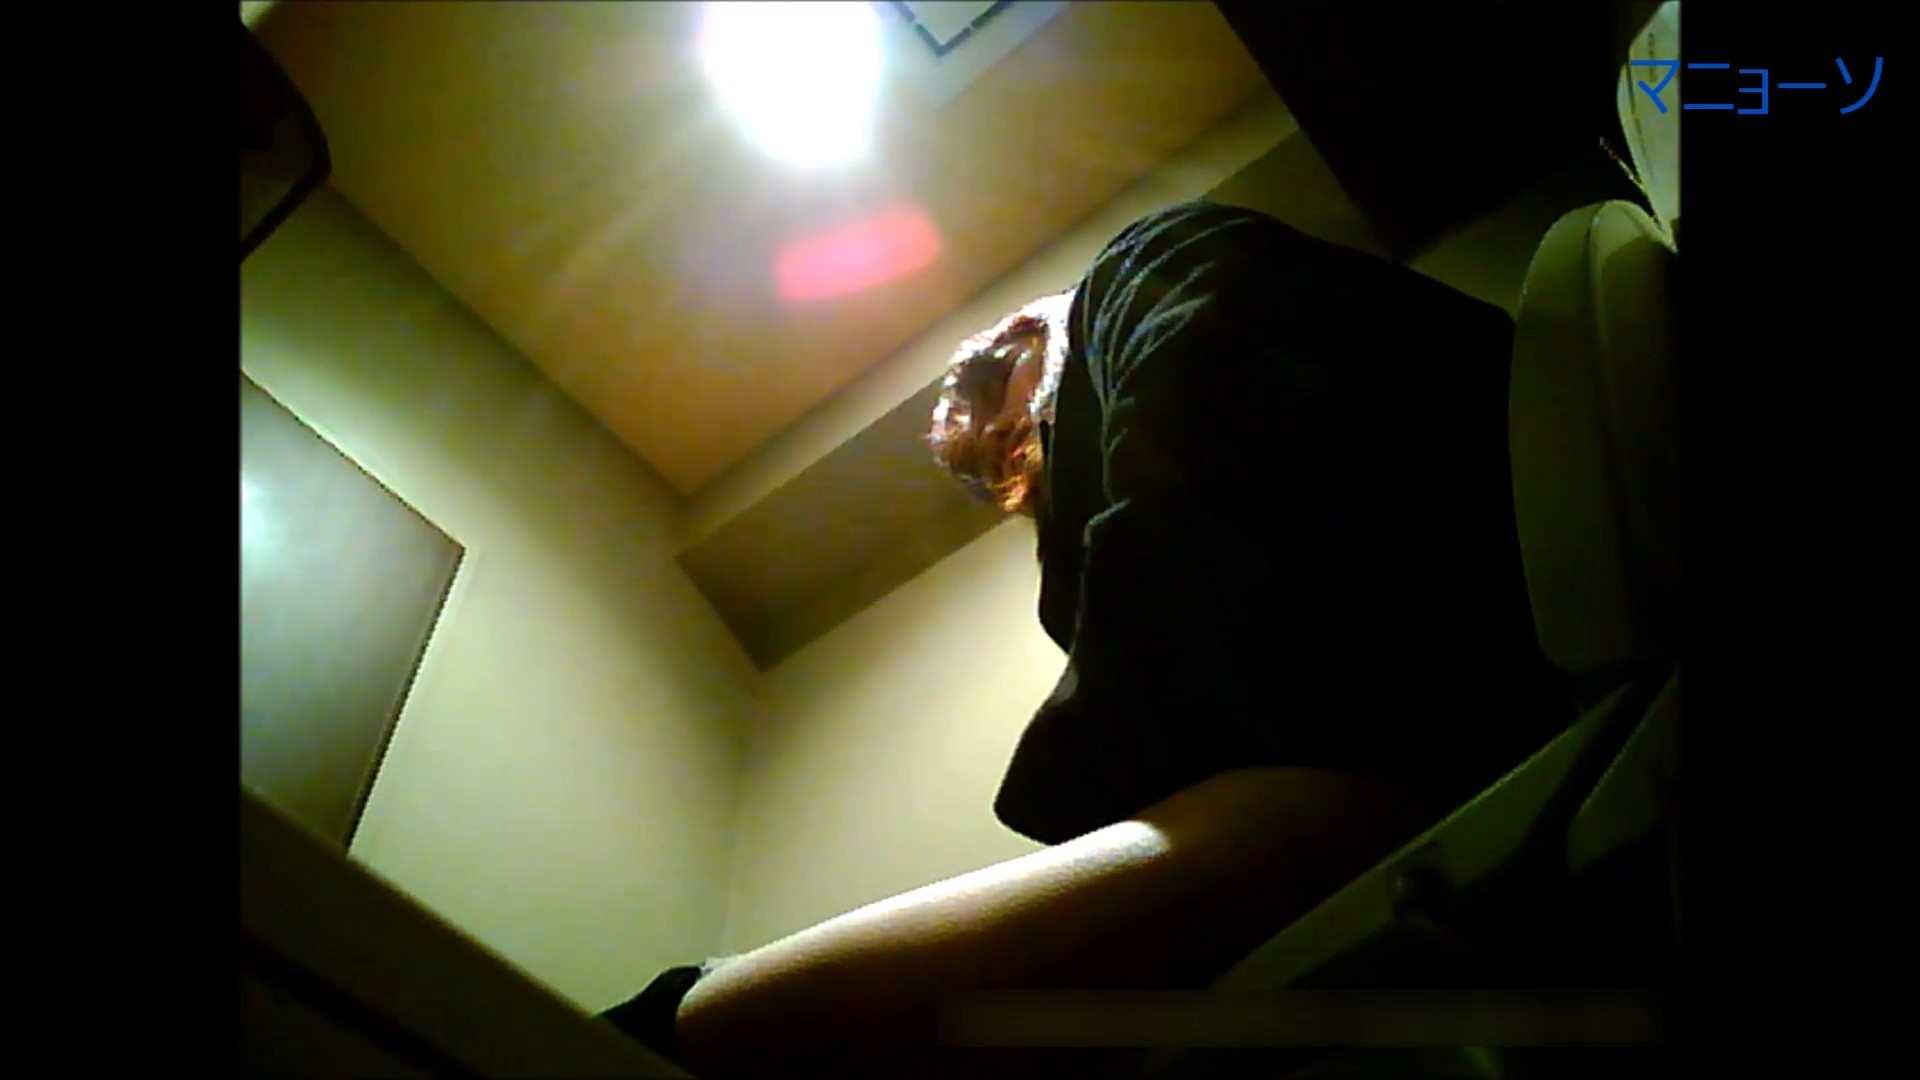 トイレでひと肌脱いでもらいました (OL編)Vol.06 OL  61pic 8